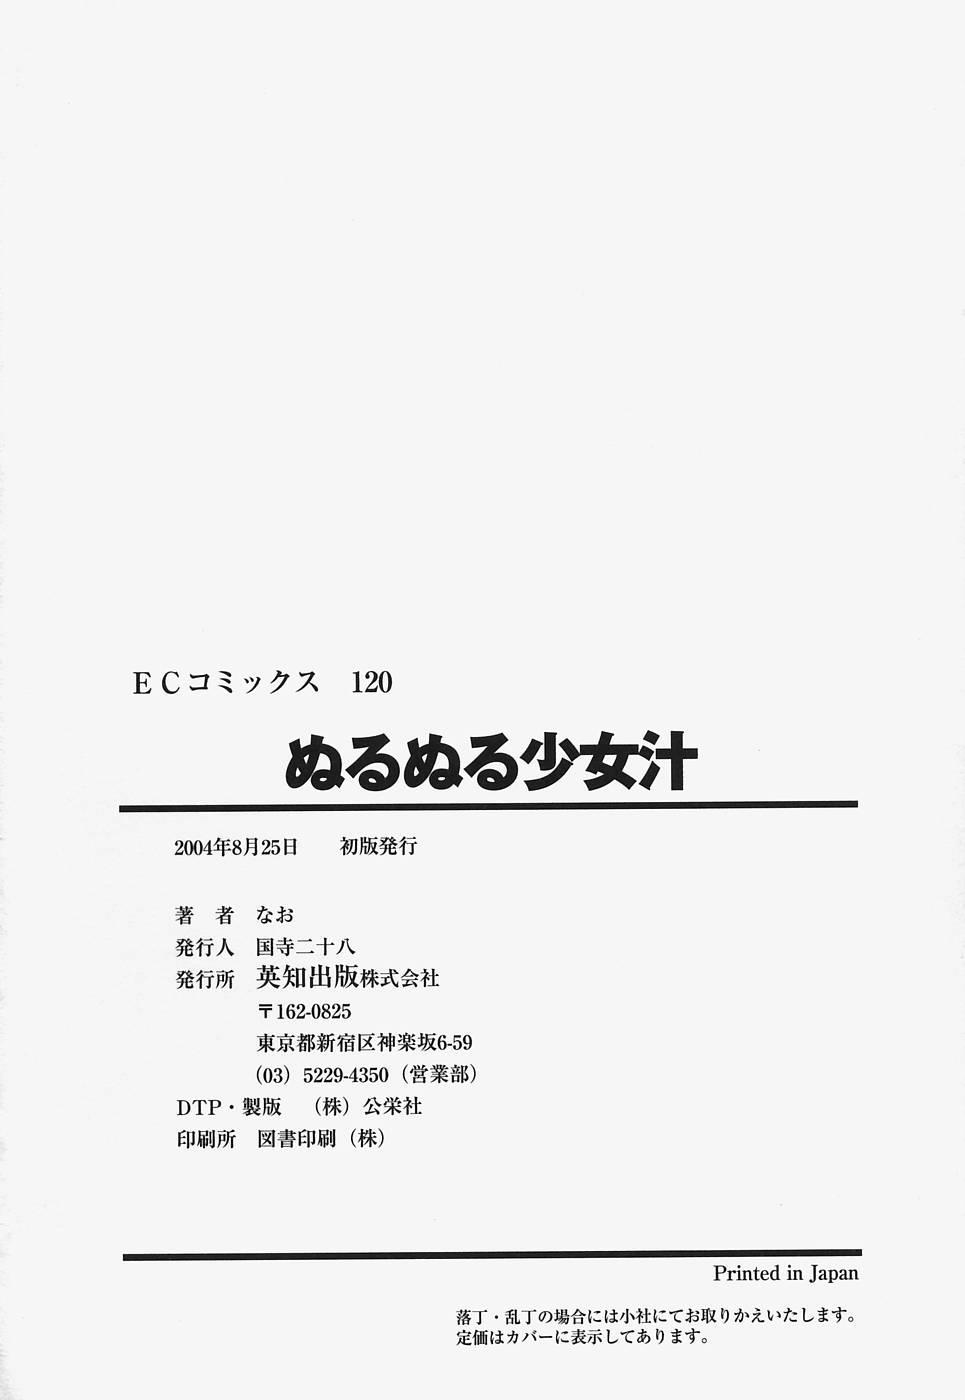 Nurunuru Syoujyo Jiru 167